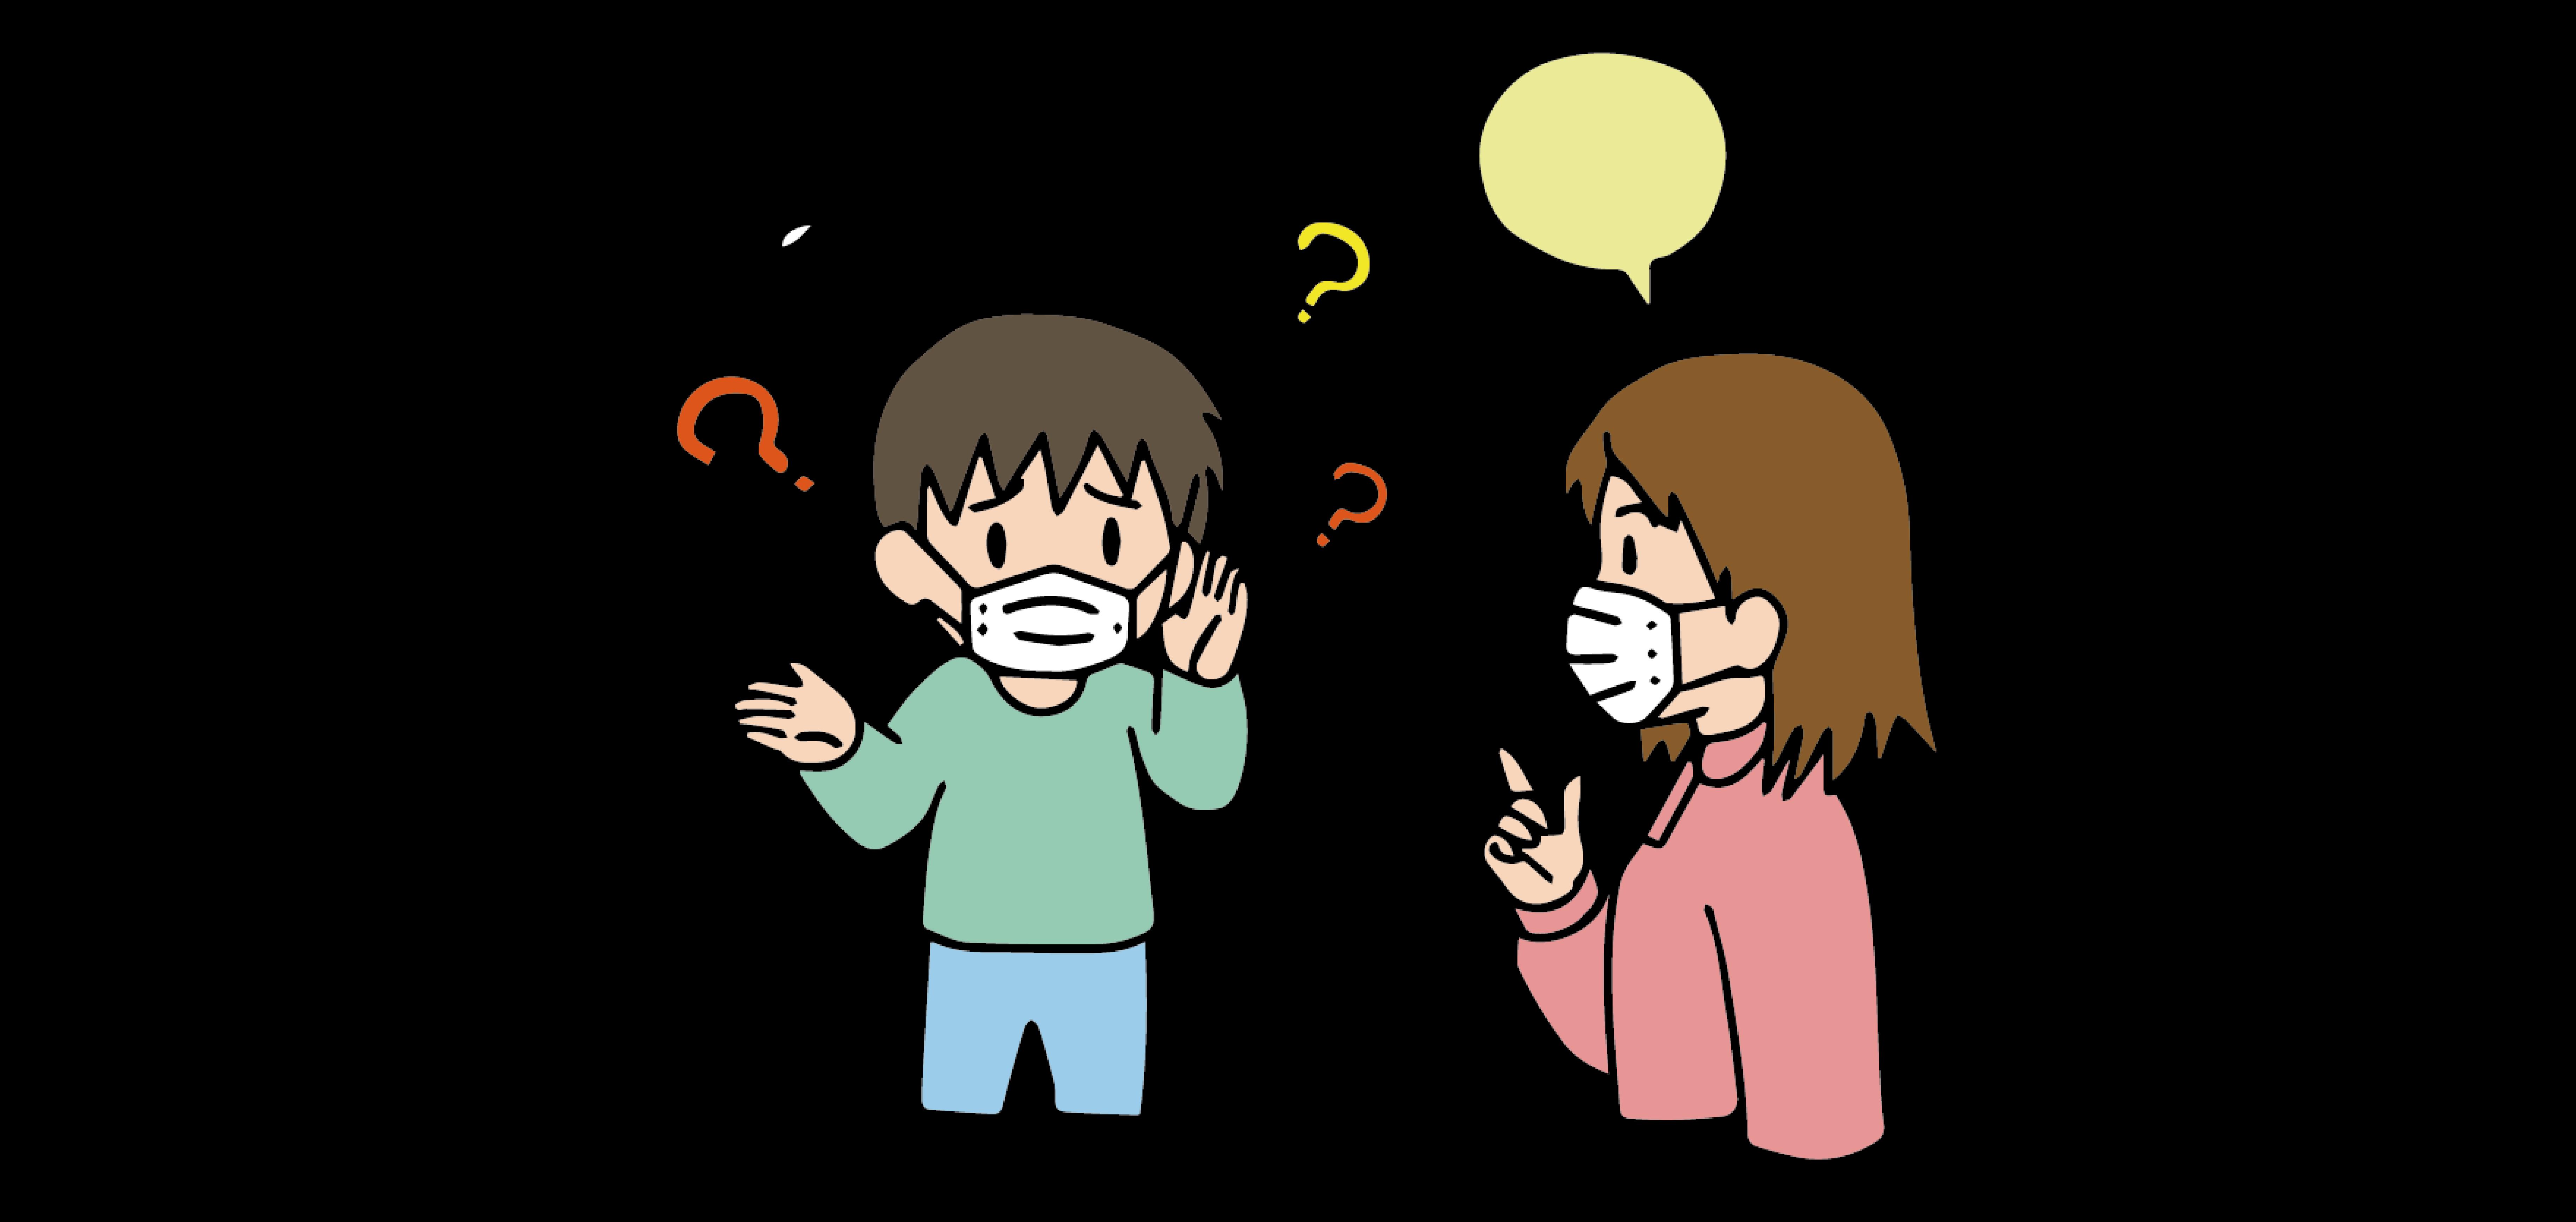 聴覚障がい者を悩ませているコロナ禍